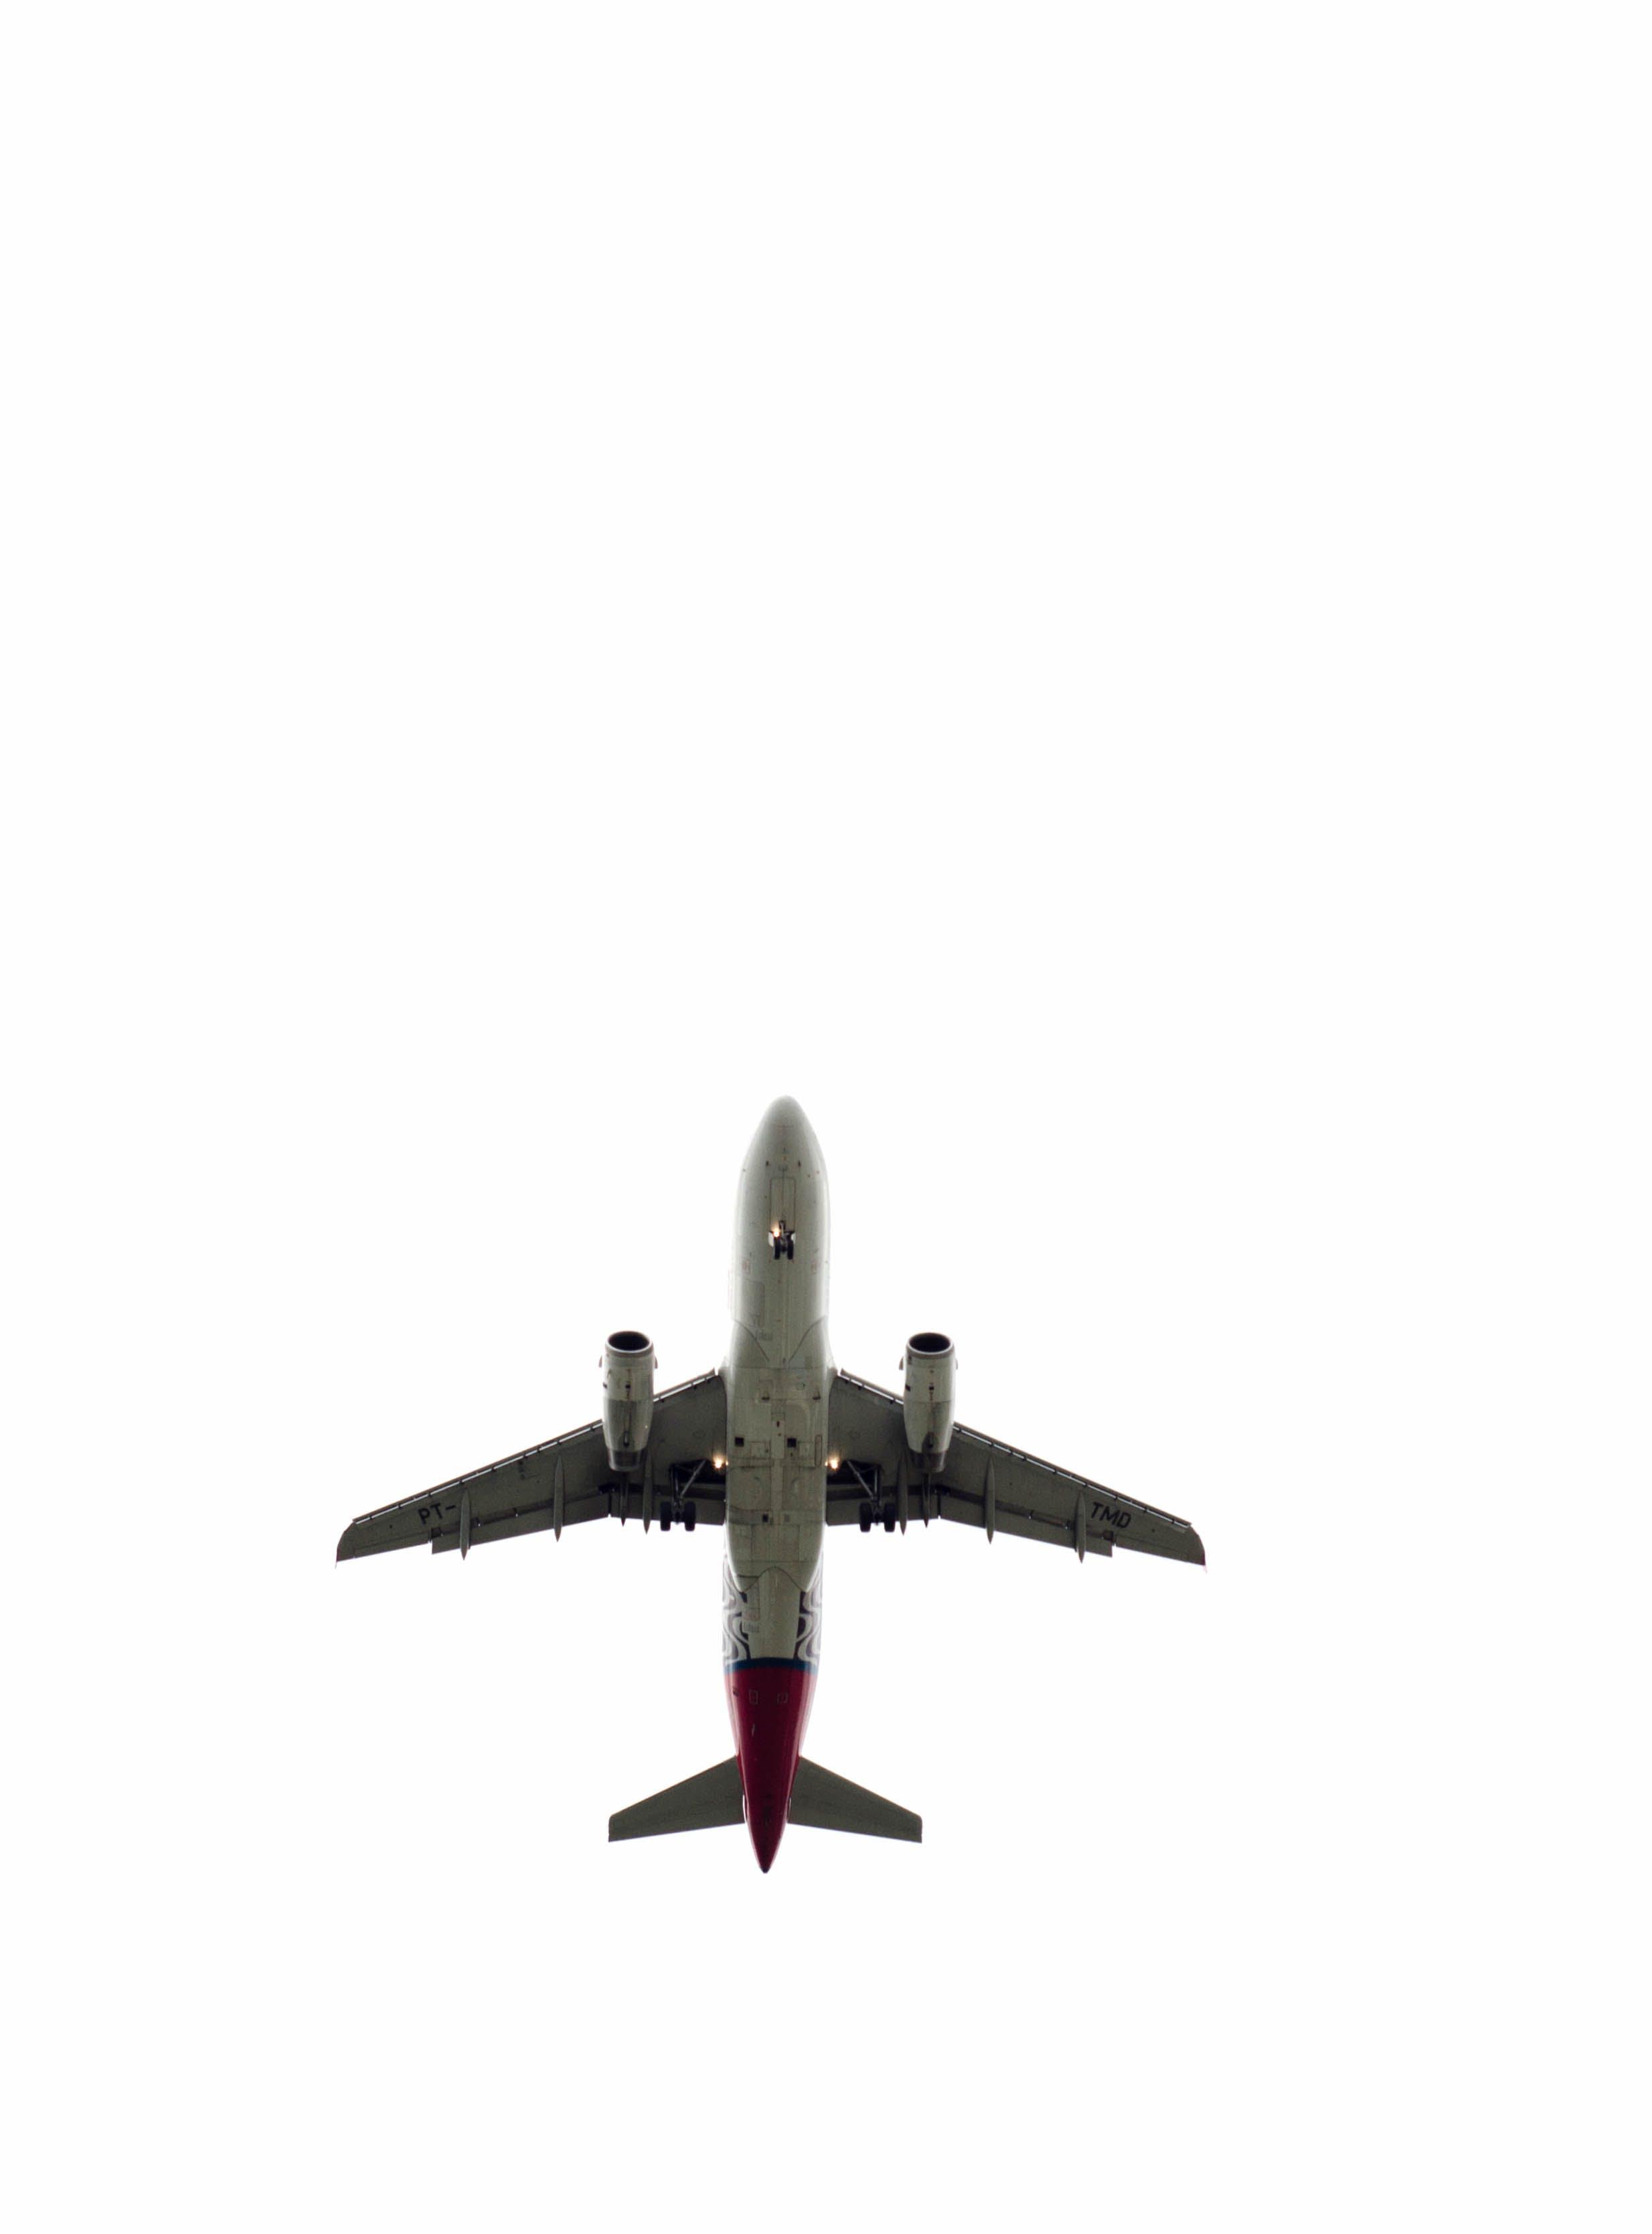 Gratis stockfoto met hemel, leger, luchtmacht, luchtvaart